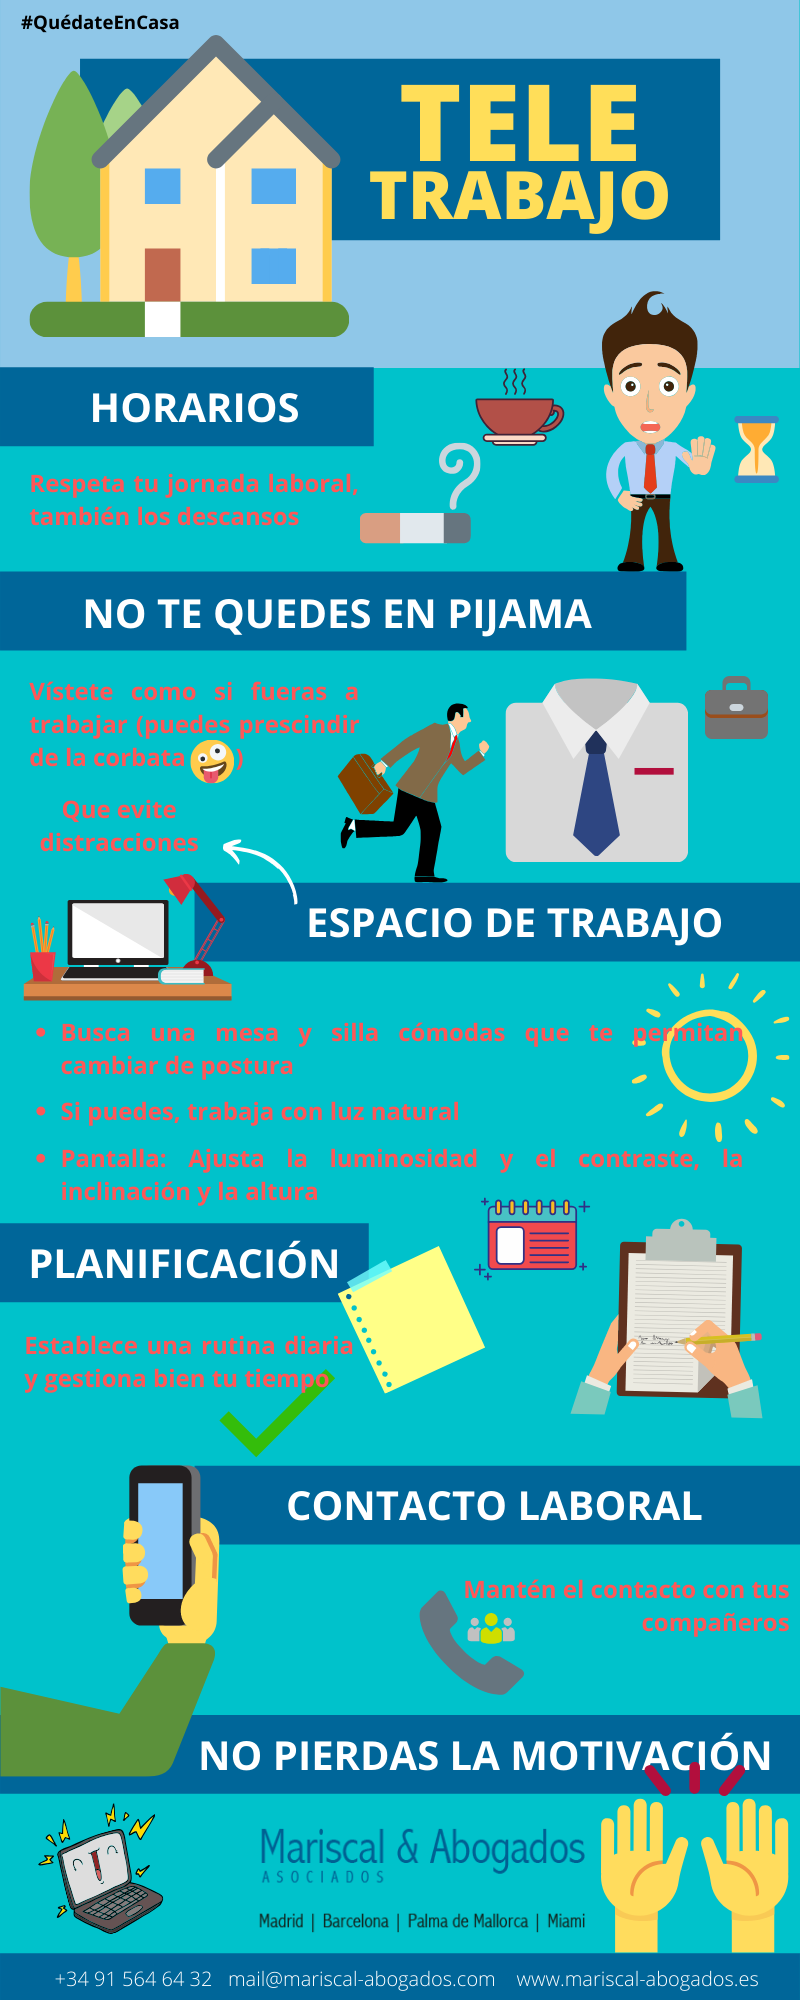 06 2020 Consejos Teletrabajo Mariscal & Abogados